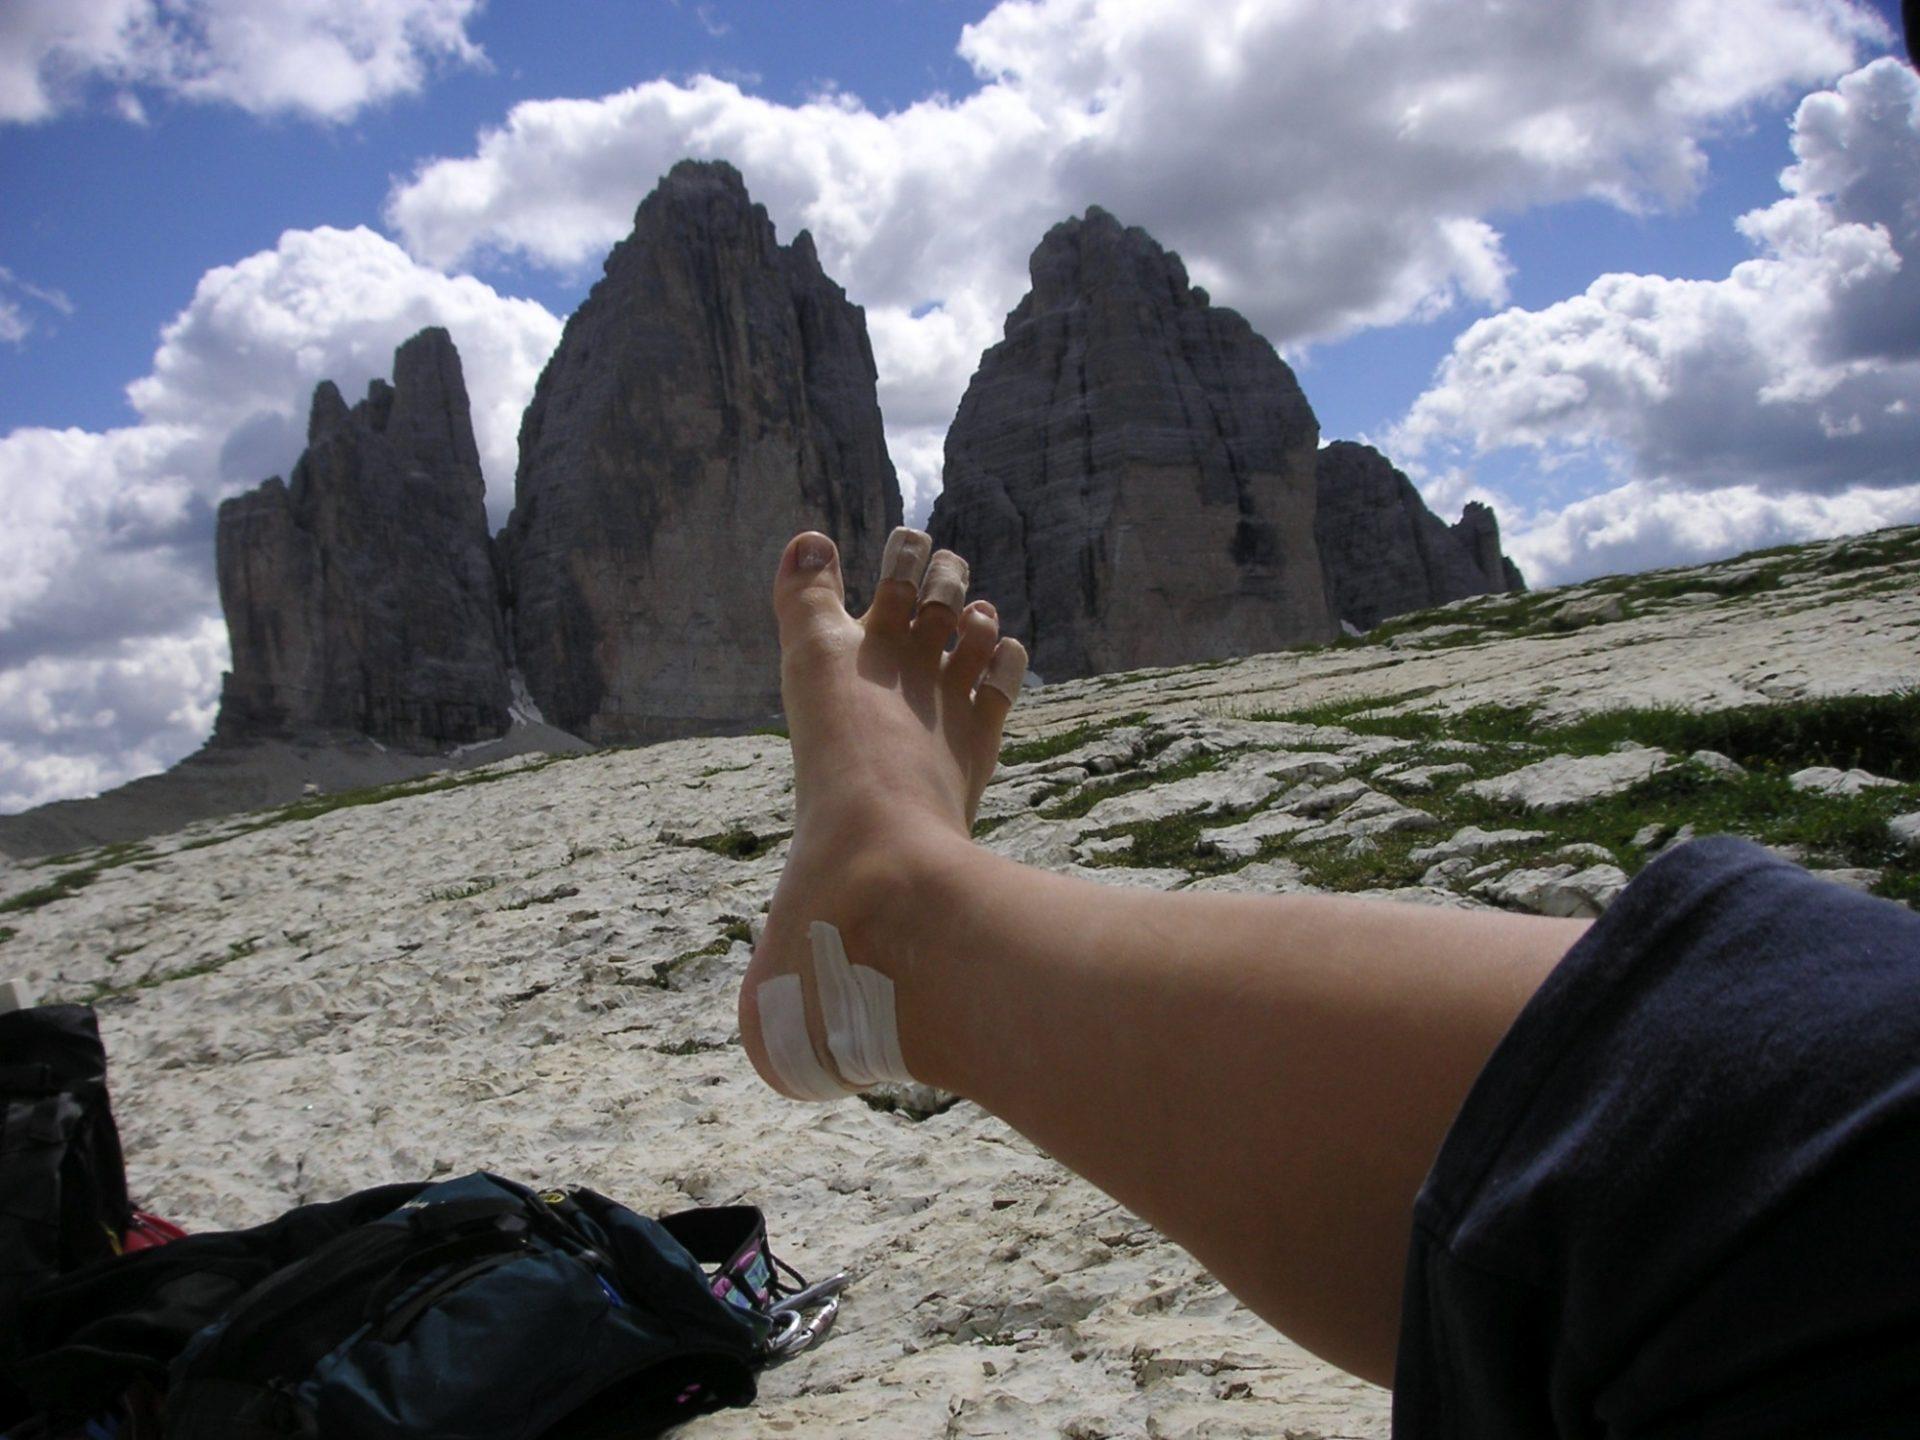 Bergsteigertipp: Blasen, die treuen Begleiter